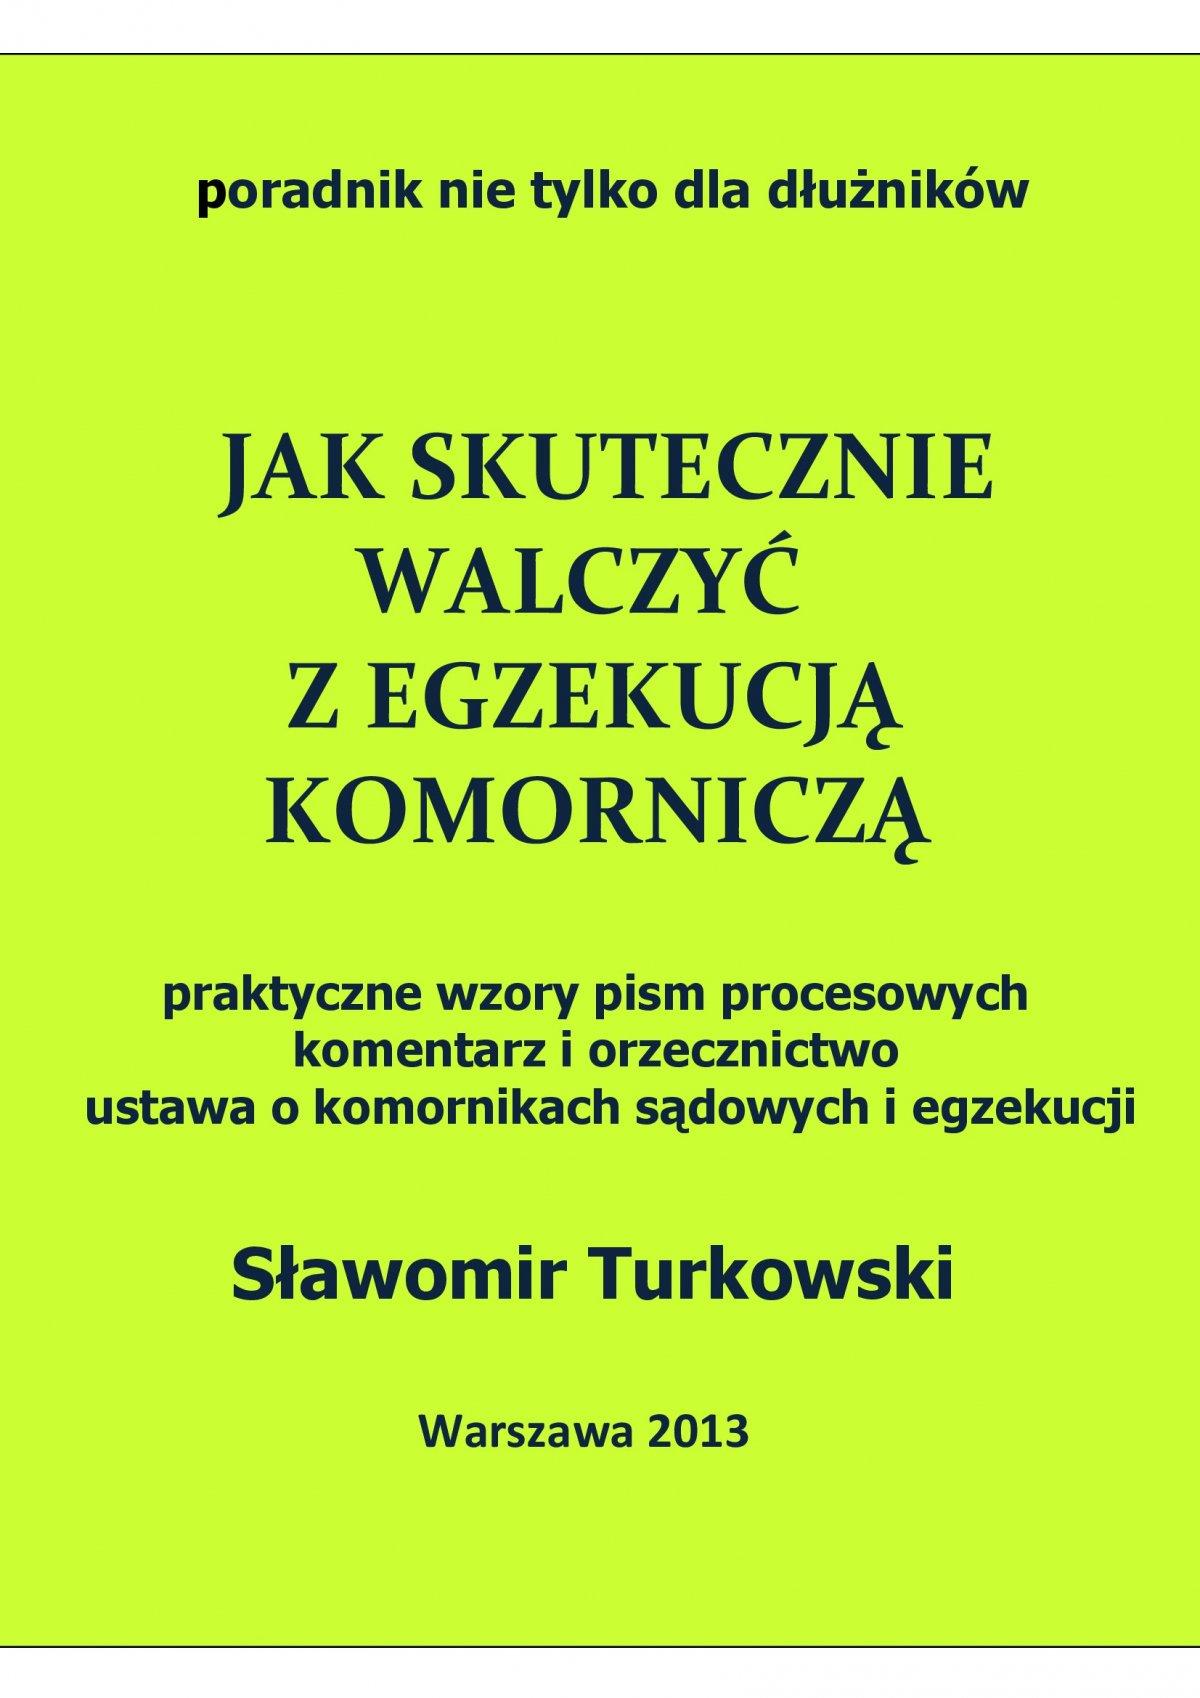 Jak skutecznie walczyć z egzekucją komorniczą - Ebook (Książka PDF) do pobrania w formacie PDF